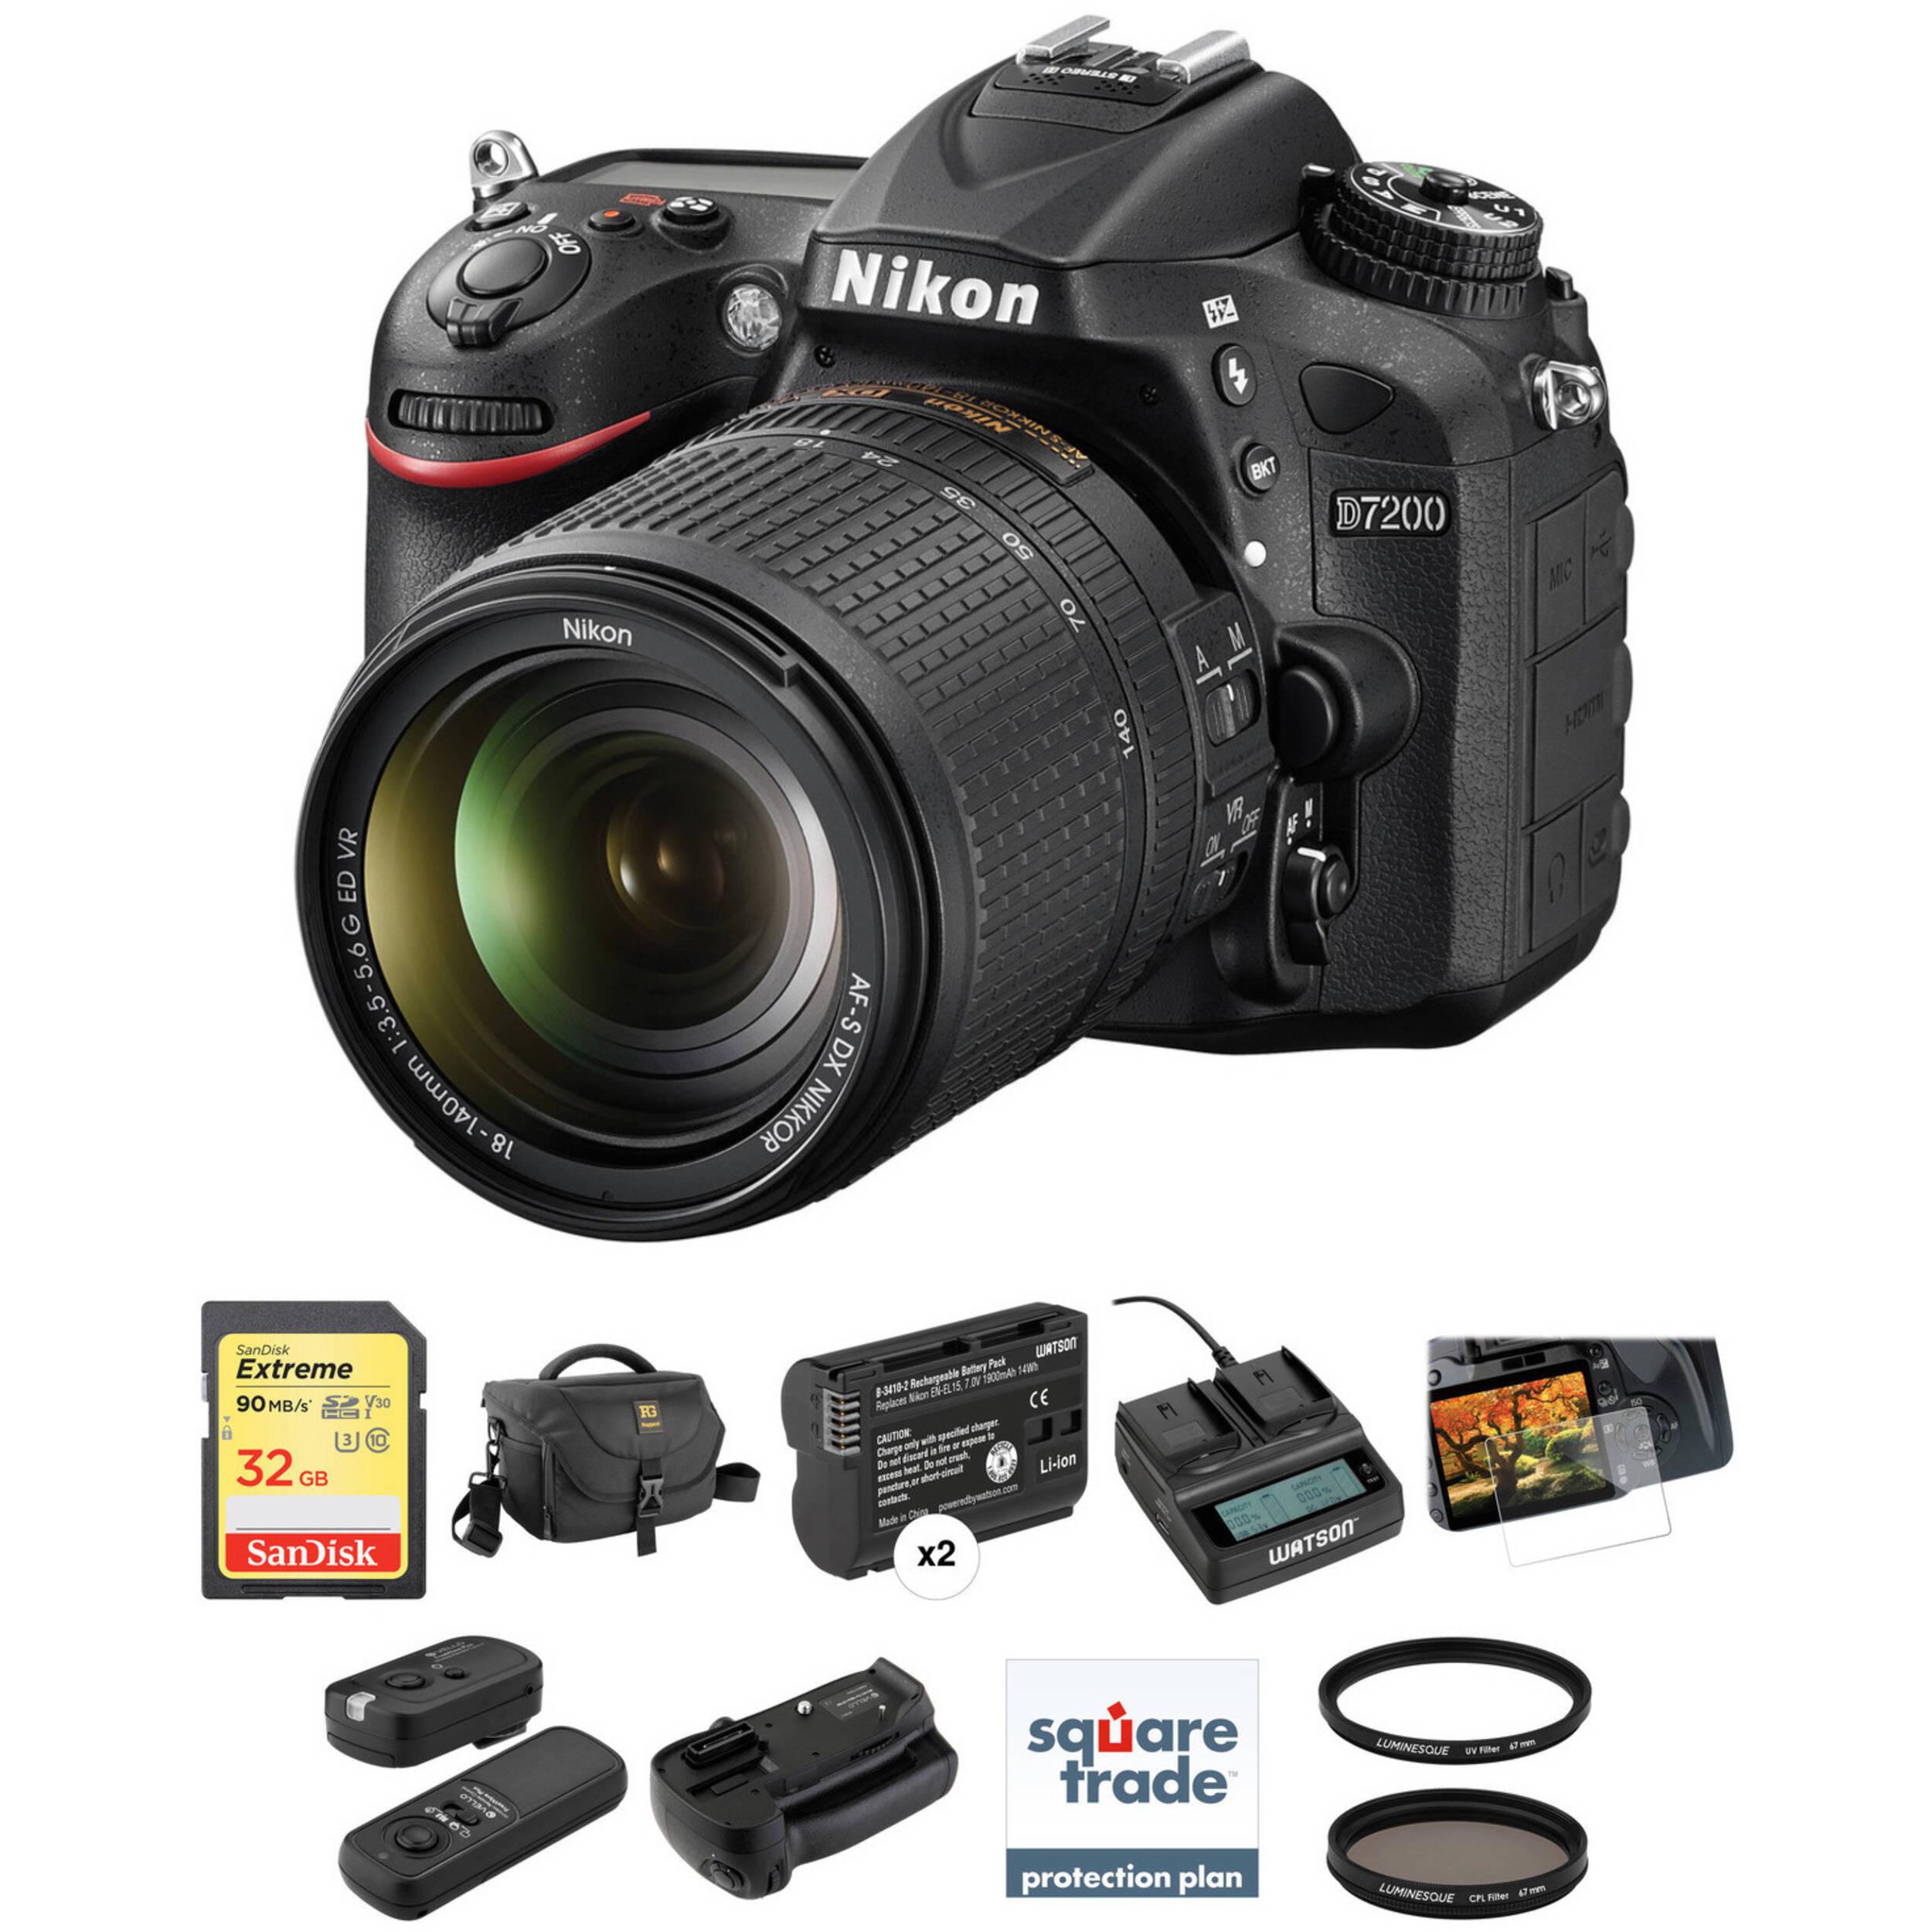 Kuning Karet Untuk Tas Kamera Kasus Nikon D7100 D7200 Daftar Harga Slr Dslr Segitiga List 5 6 3g Ed Tampilan Source Camera With 18